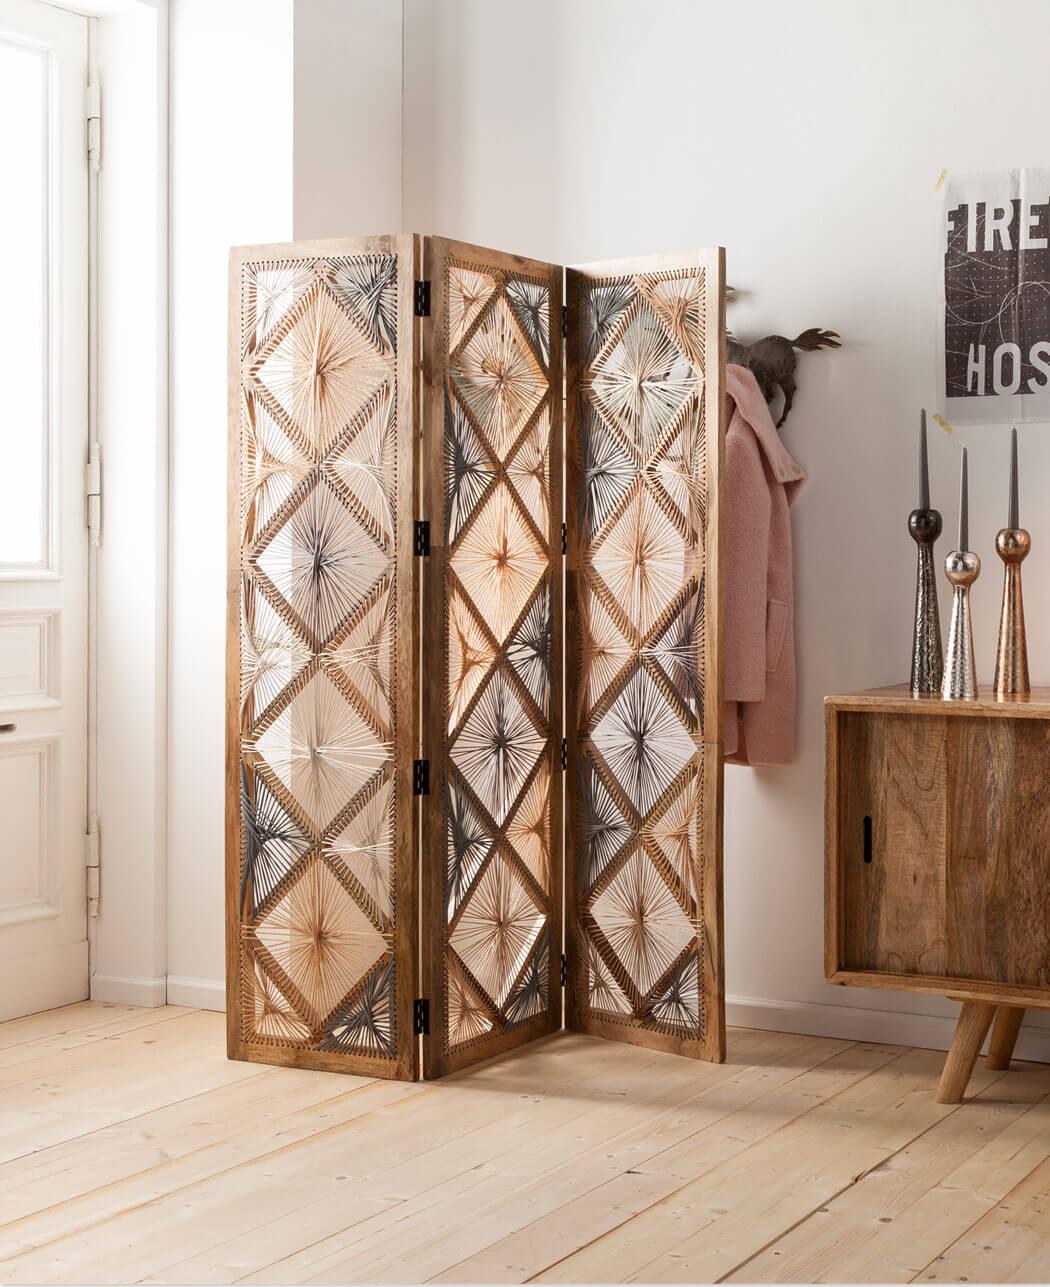 6 paravents zum tr umen das neue it piece designhaus no 9. Black Bedroom Furniture Sets. Home Design Ideas